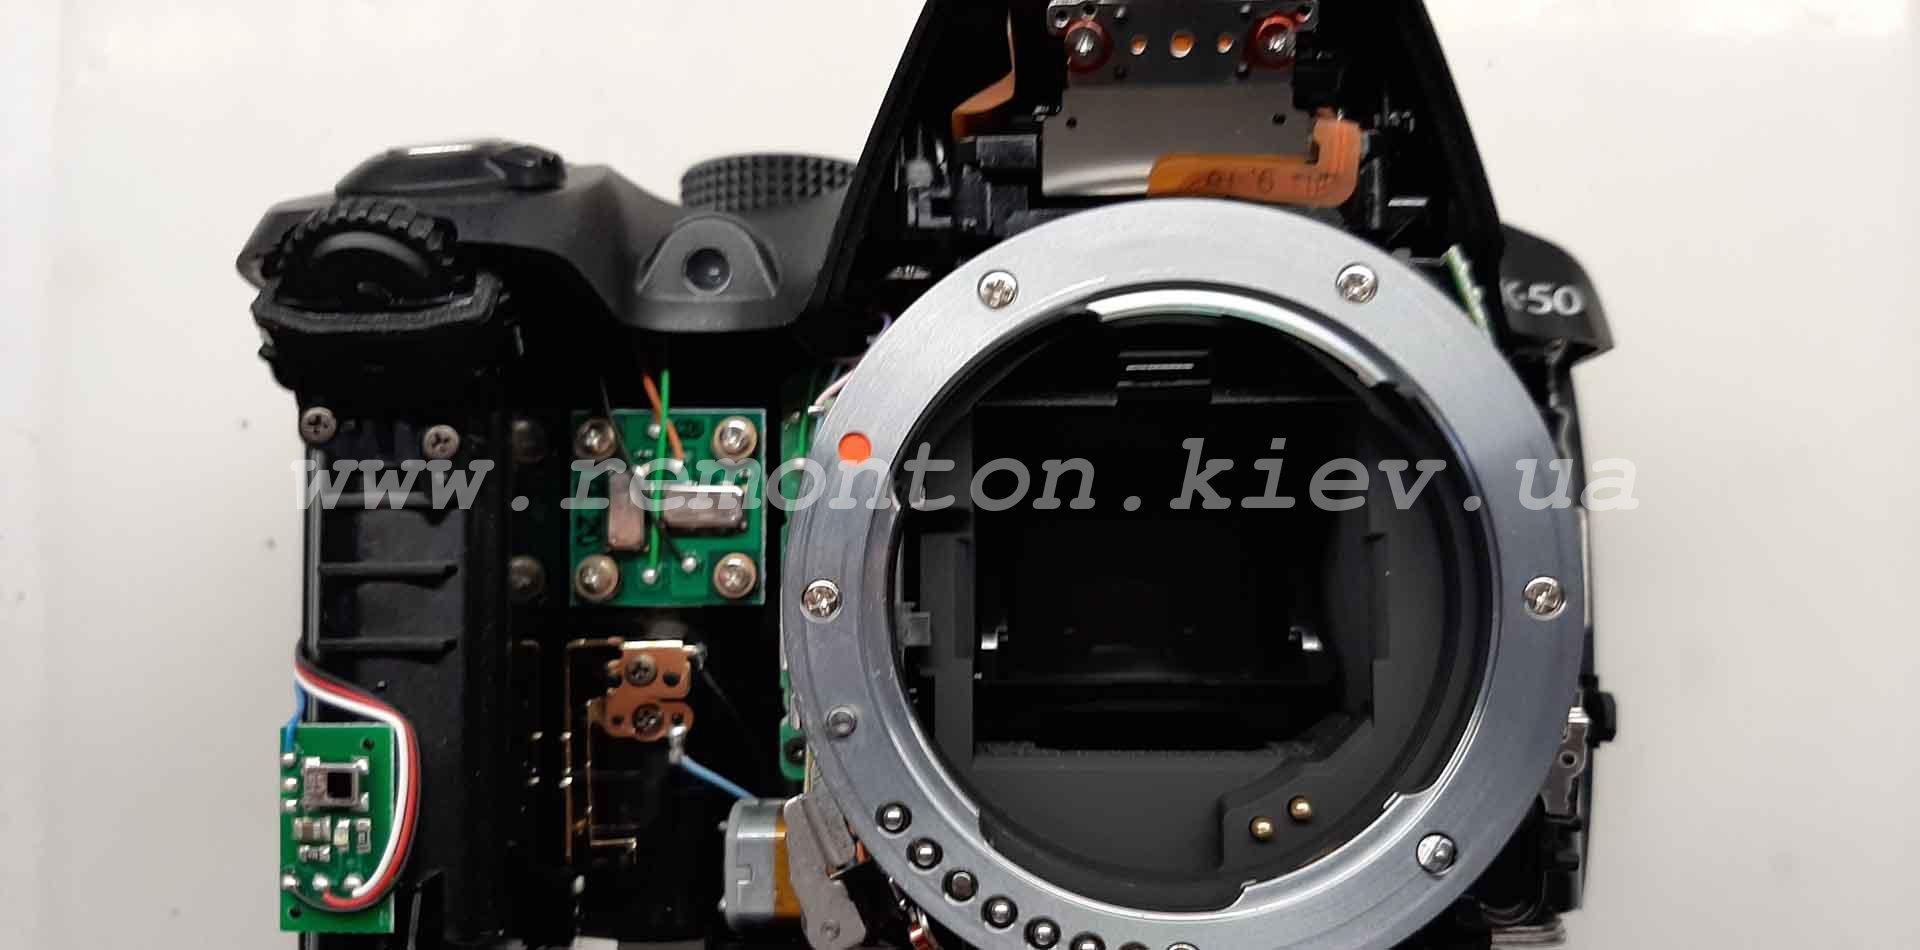 Ремонт Pentax K50 - самопроизвольное срабатывание зеркала